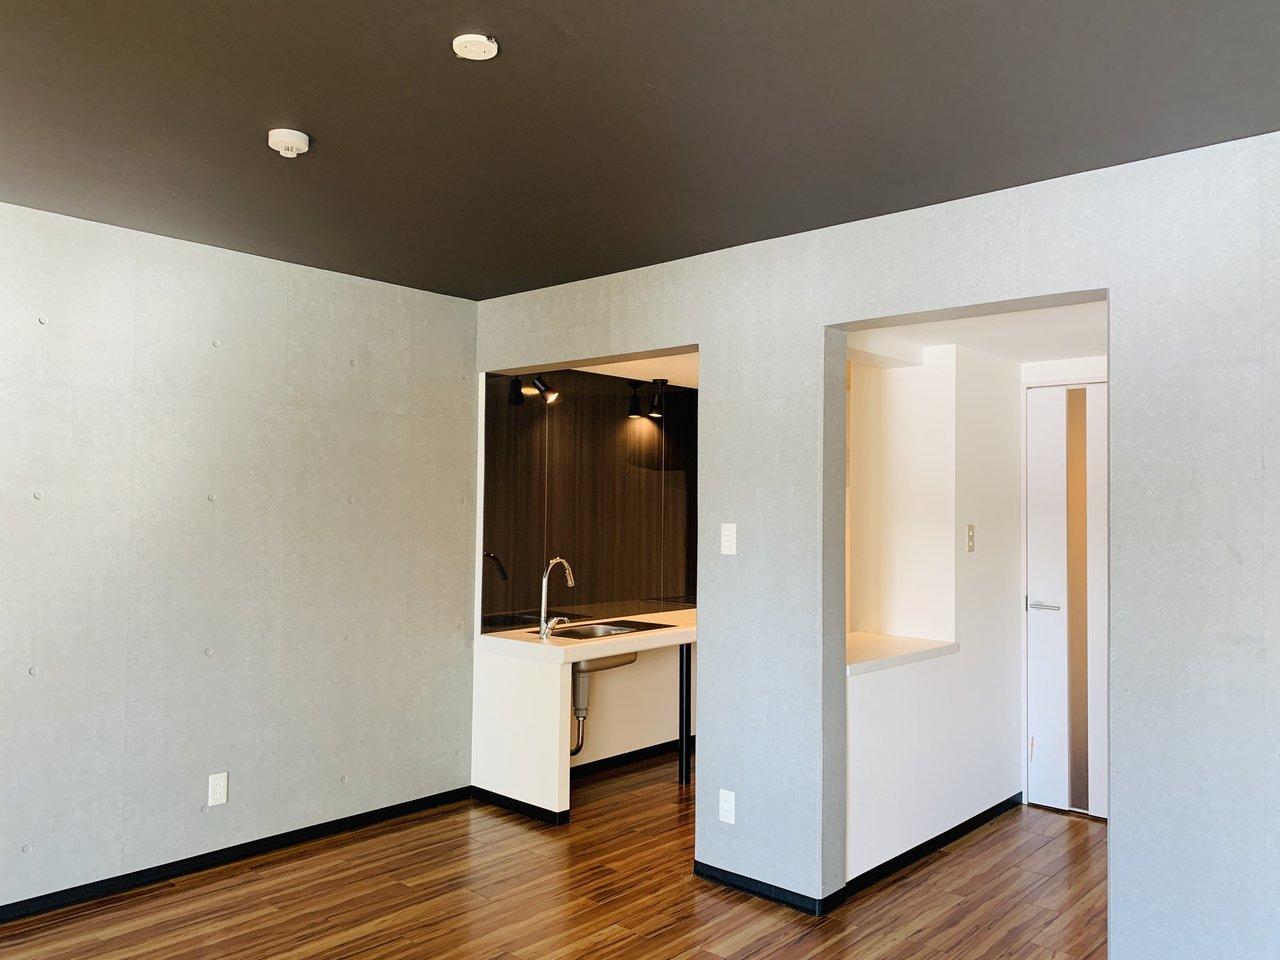 こちらも1LDKのお部屋。ブラウンやグレーなど、落ち着いた色合いの内装デザインで、大人っぽい雰囲気。